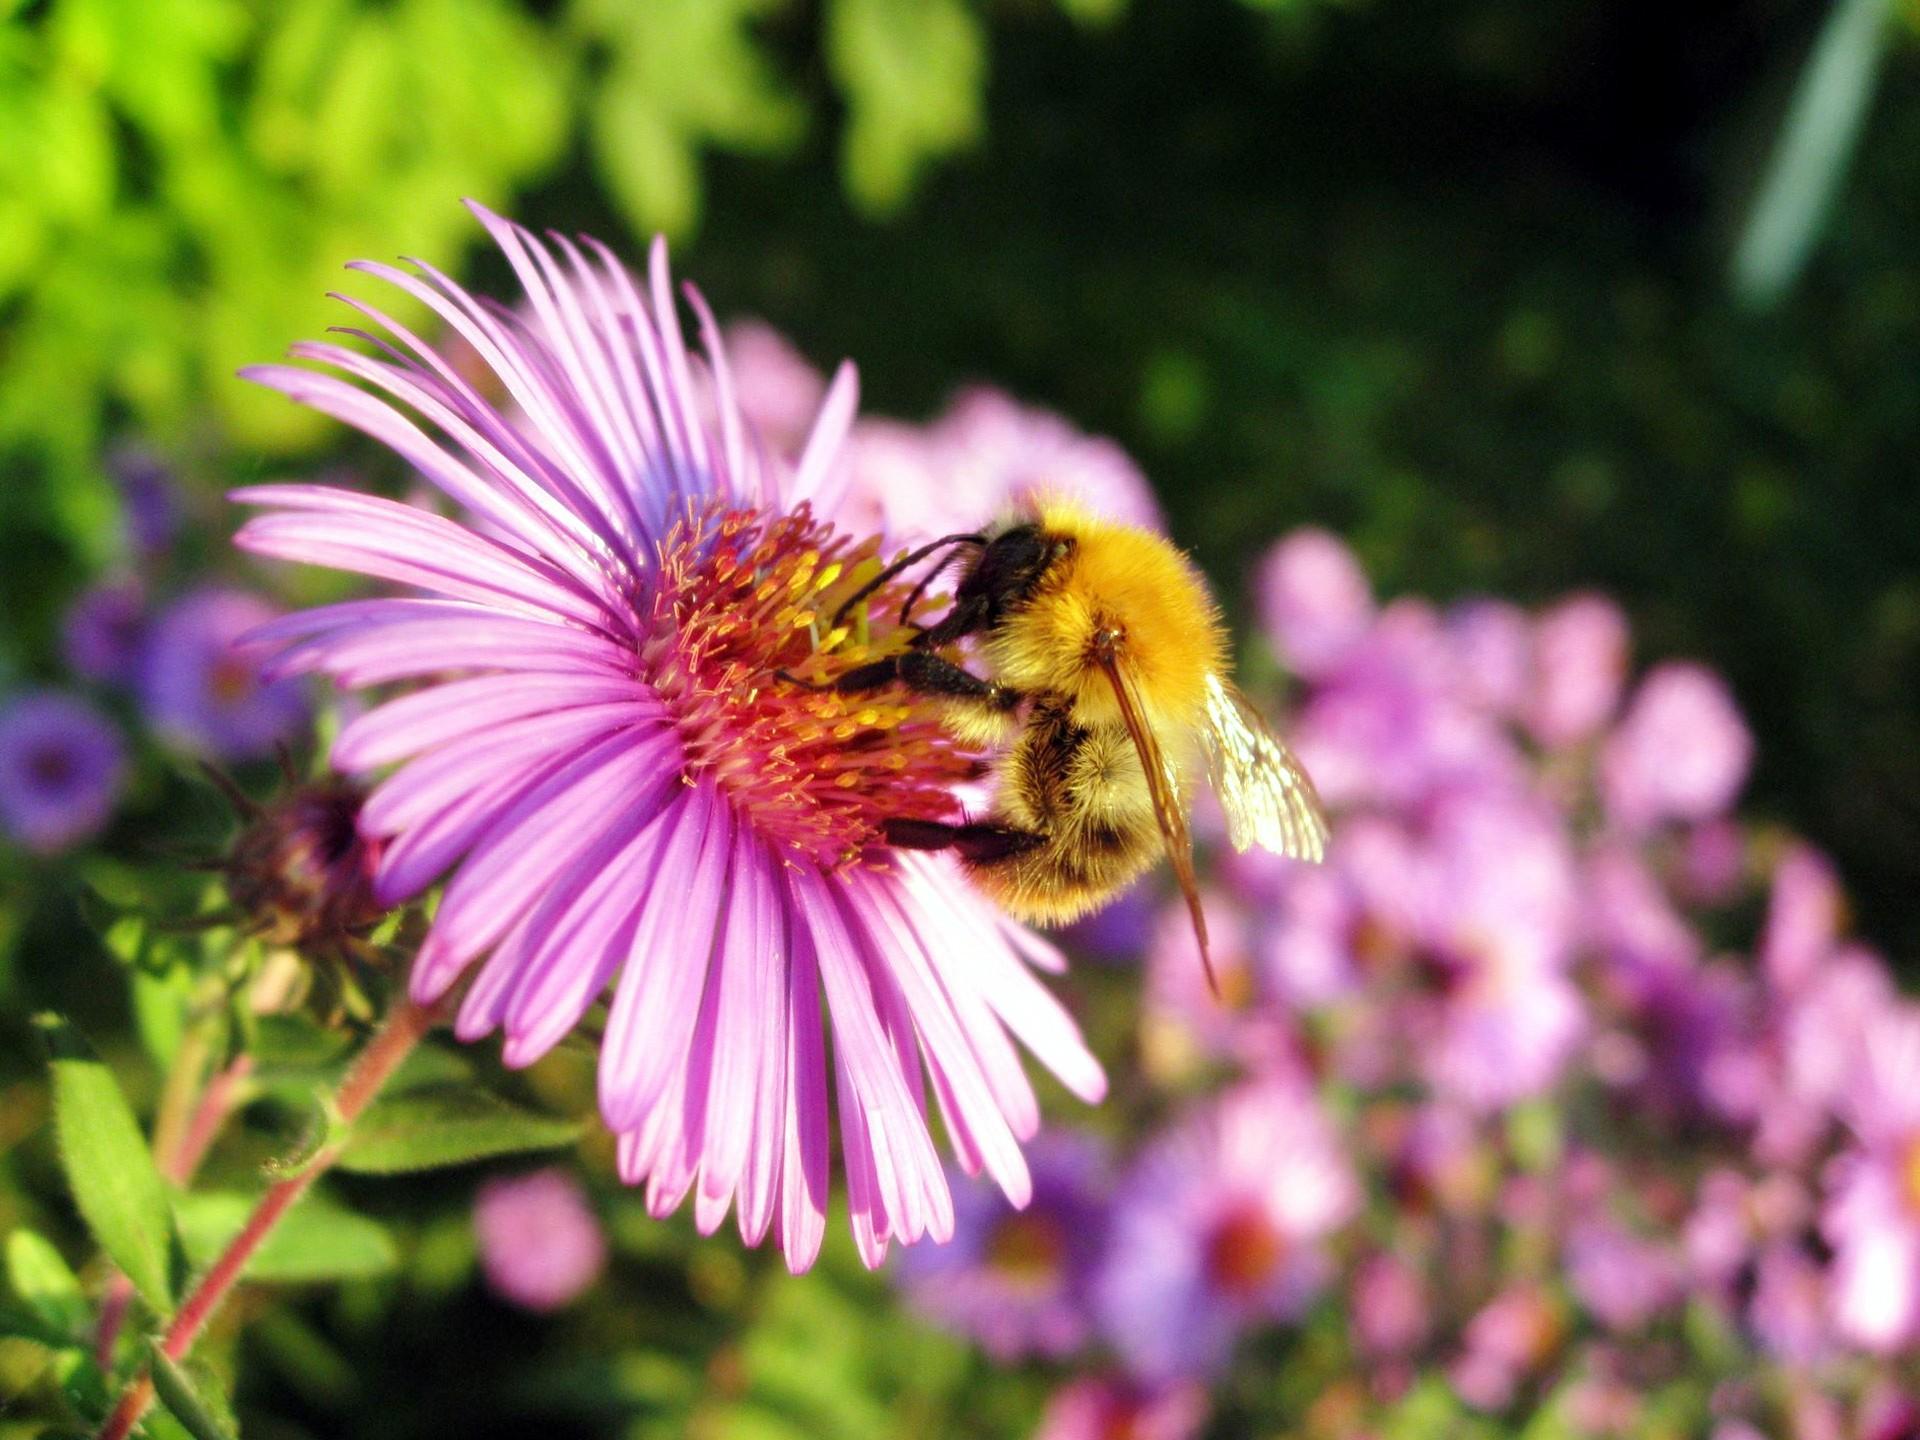 Honey Bee Wallpapers HD Wallpapers 1920x1440